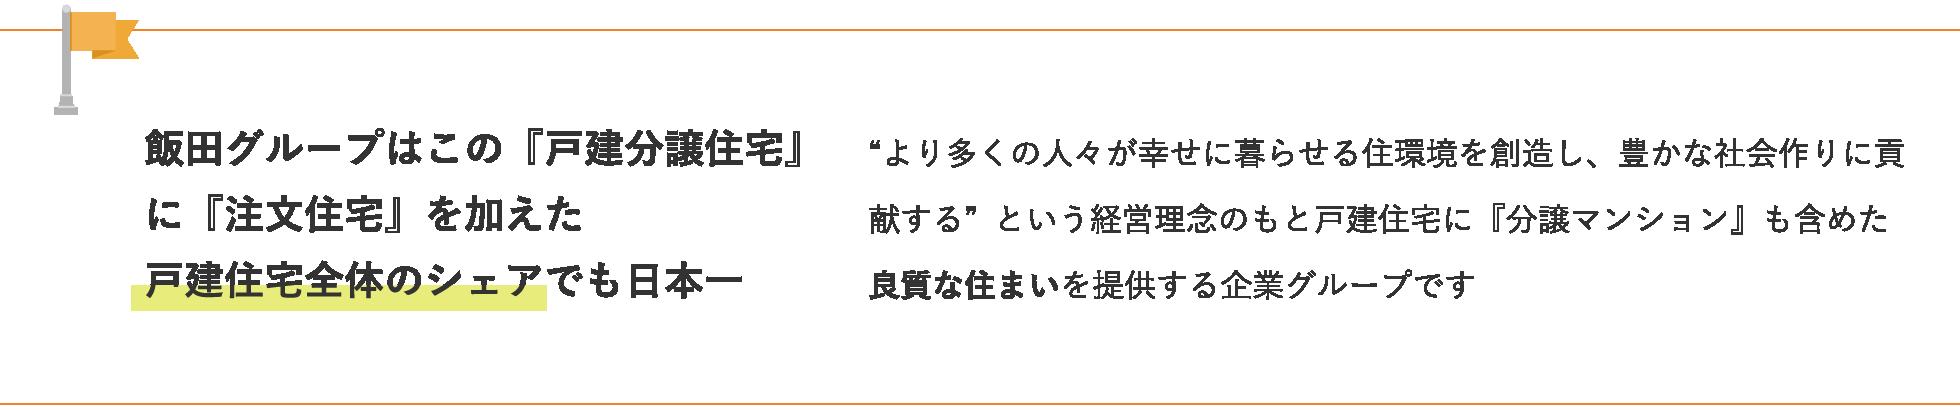 """飯田グループはこの『戸建分譲住宅』に『注文住宅』を加えた""""より多くの人々が幸せに暮らせる住環境を創造し、豊かな社会作りに貢献する""""という経営理念のもと戸建住宅に『分譲マンション』も含めた良質な住まいを提供する企業グループです戸建住宅全体のシェアでも日本一"""